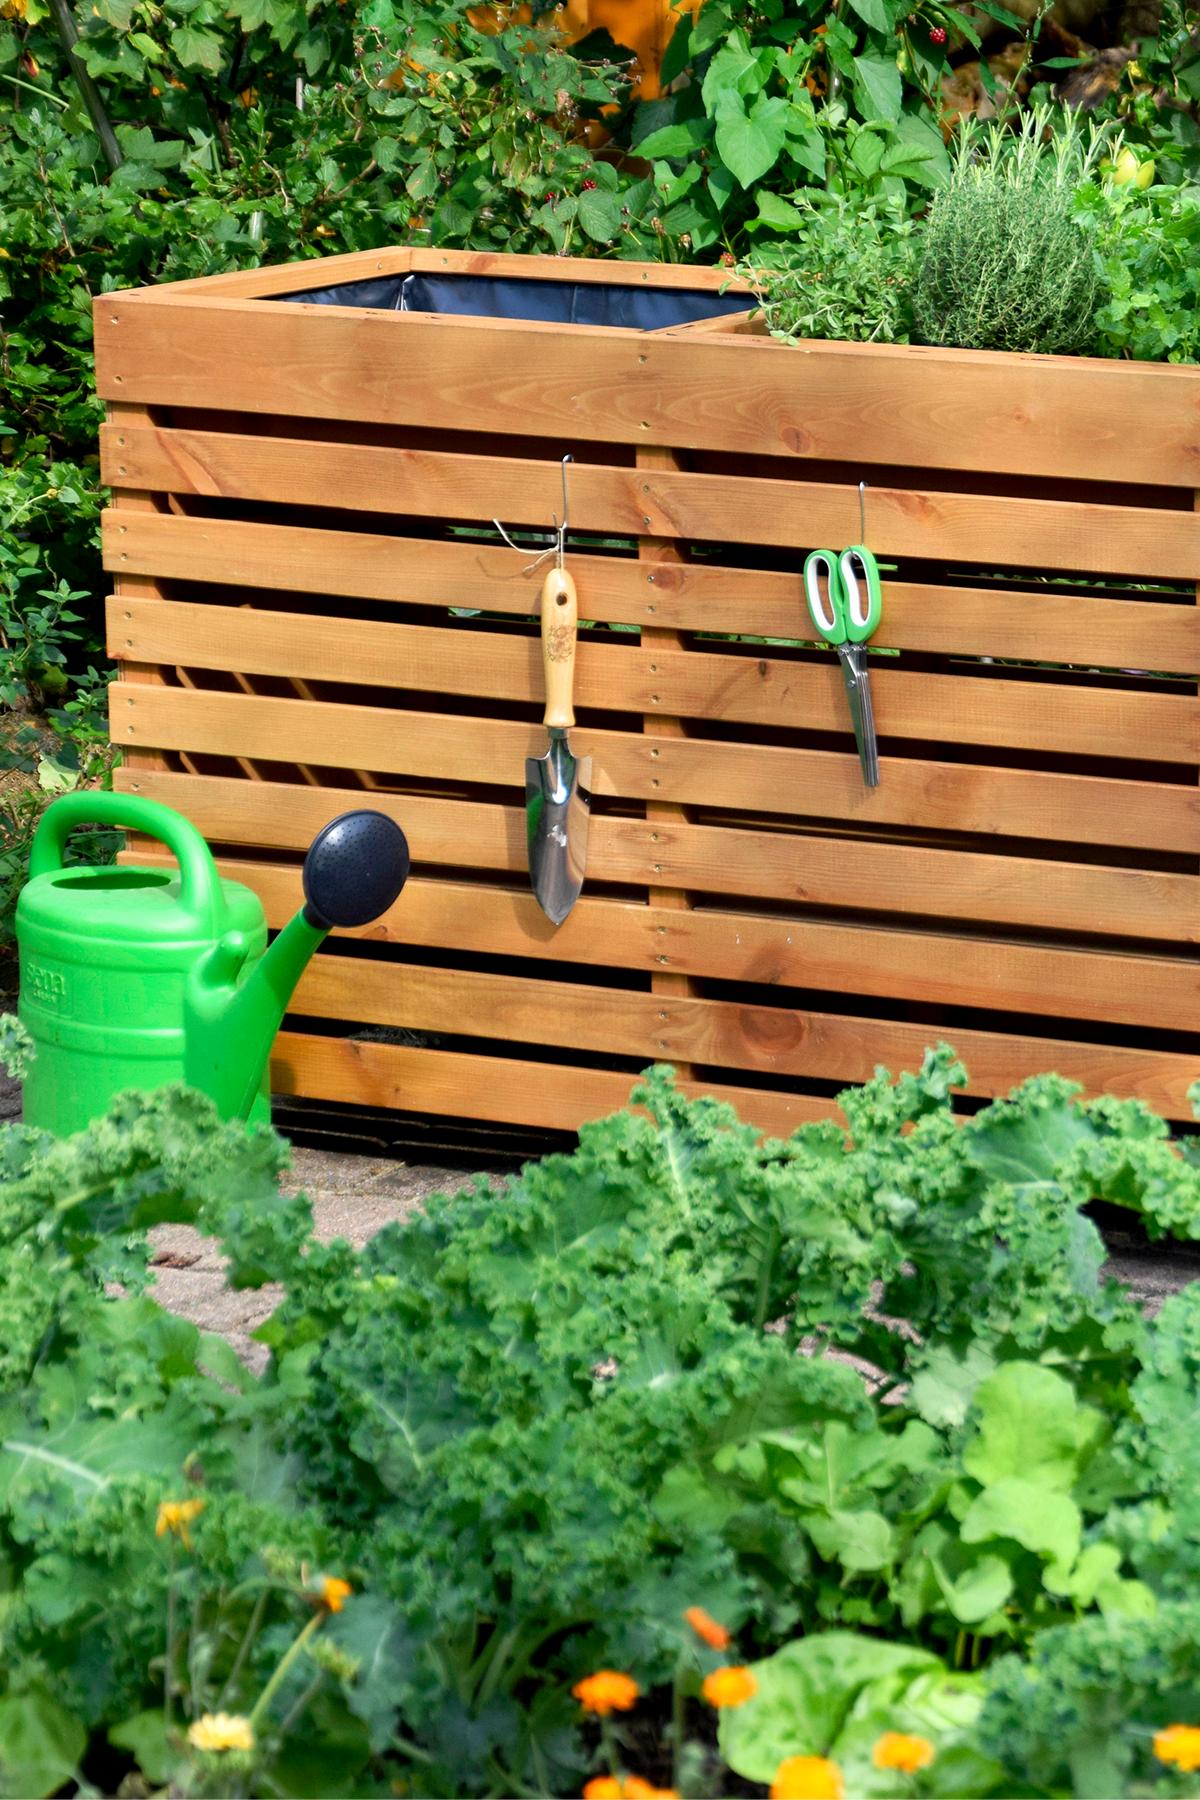 Dobar Hochbeet Rolling Garden 115 X 45 X 75 Cm Nutzflache 0 52 M Kiefer Bernstein In 2020 Hochbeet Gartendesign Ideen Gemuse Pflanzen